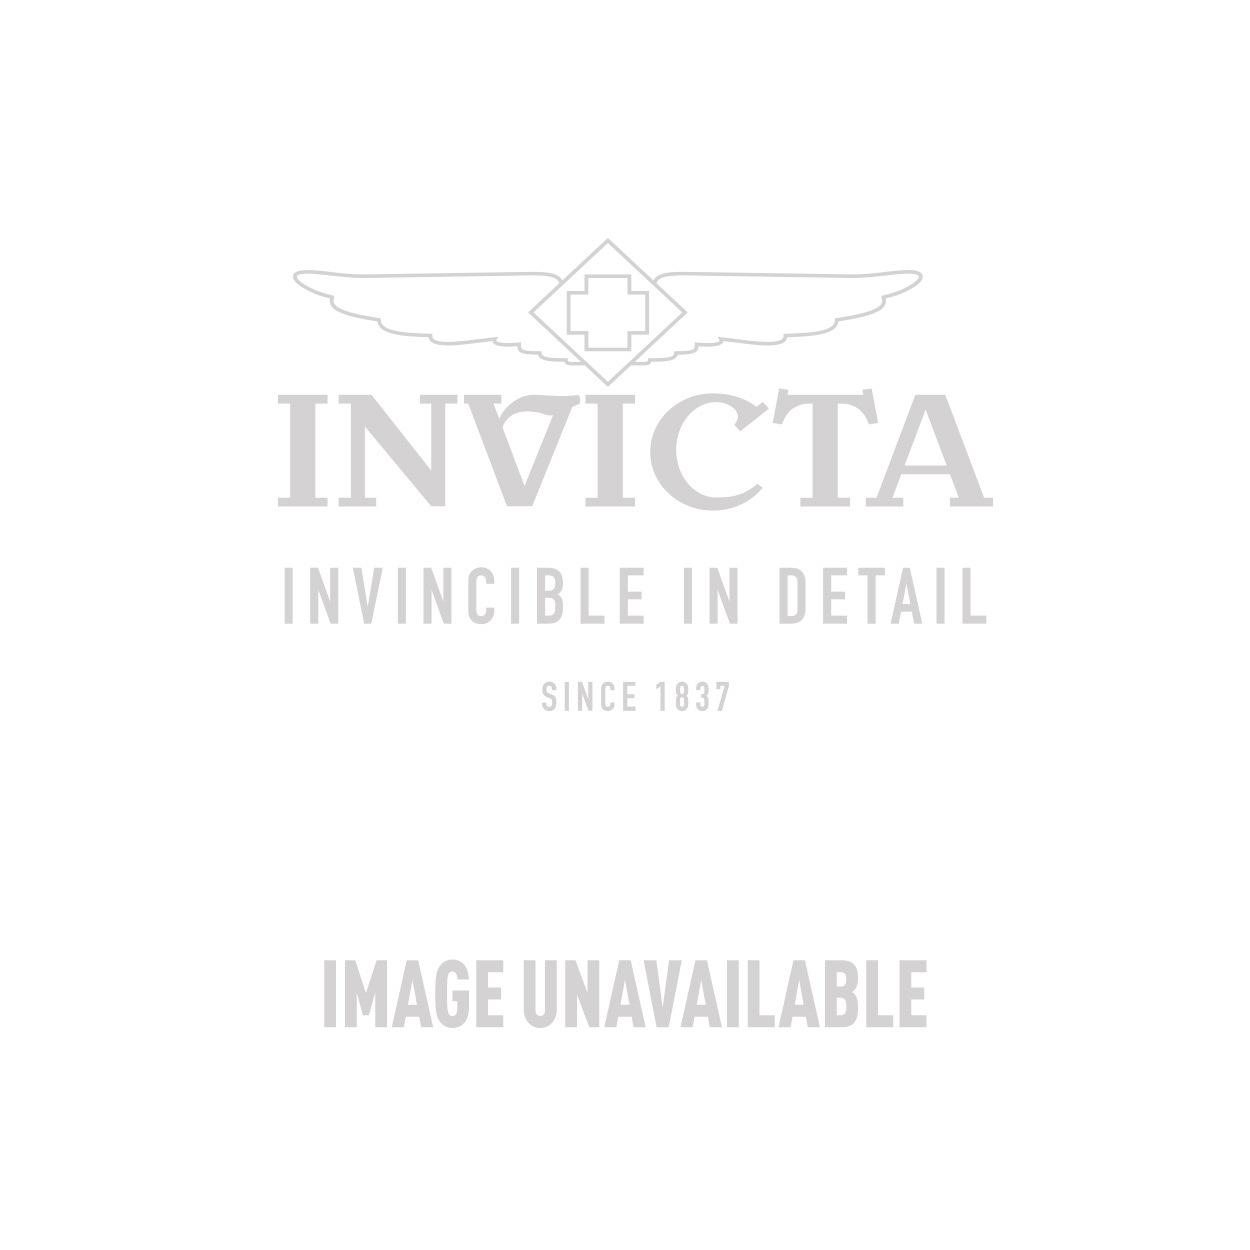 Invicta Model 28379